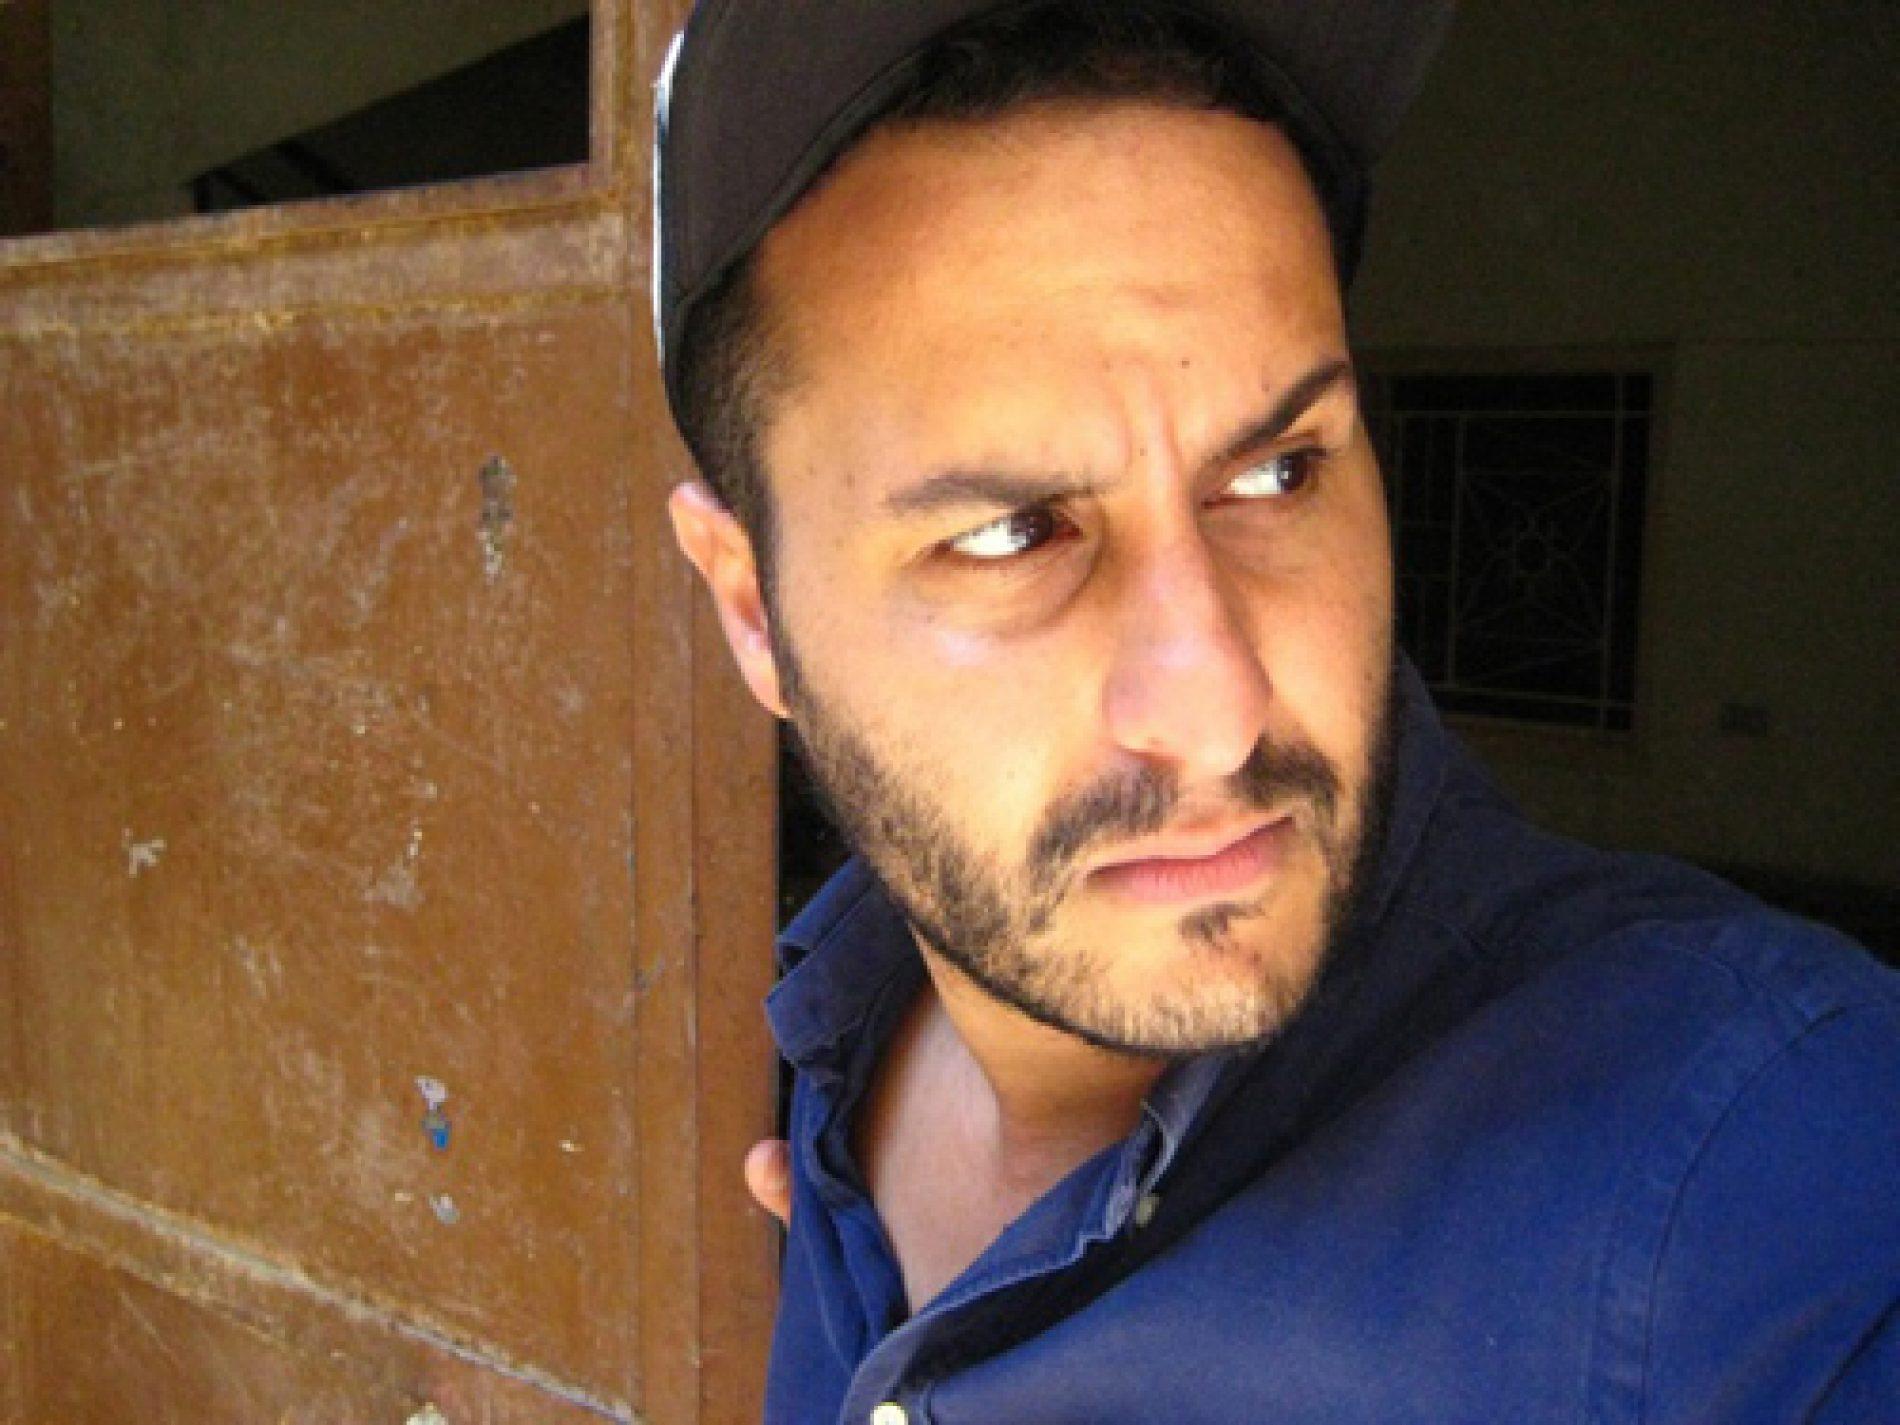 Mahdi Fleifel primé au Festival du film méditerrannéen de Tétouan